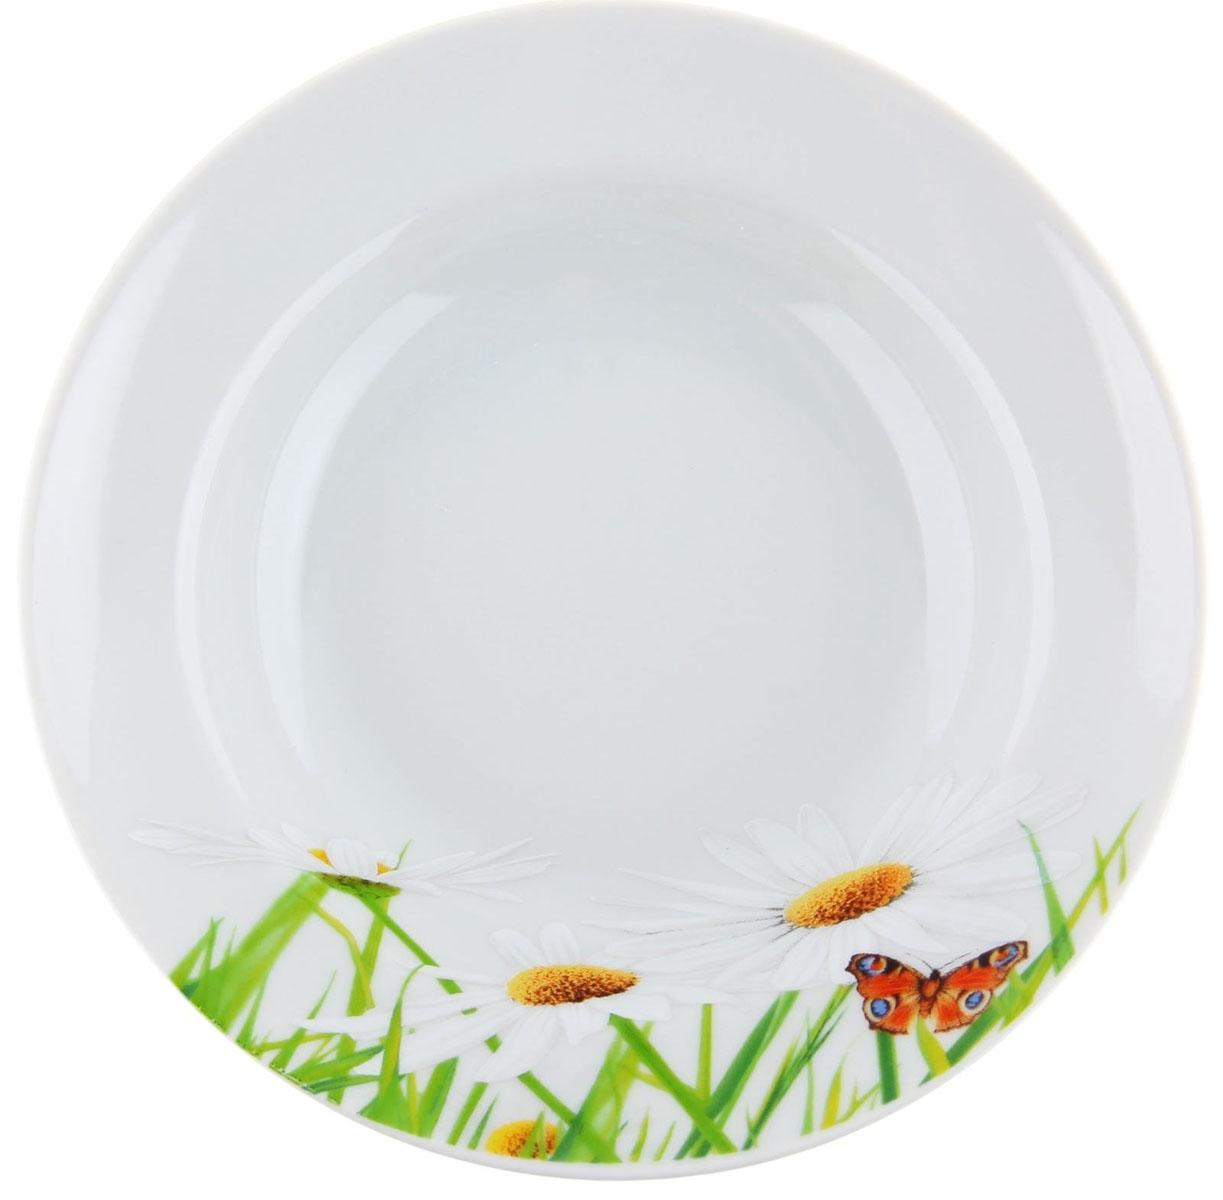 Тарелка глубокая Идиллия. Ромашка, диаметр 20 см1280309Глубокая тарелка Идиллия. Ромашка выполнена из высококачественного фарфора и украшена ярким цветочным рисунком. Она прекрасно впишется в интерьер вашей кухни и станет достойным дополнением к кухонному инвентарю. Тарелка Идиллия. Ромашка подчеркнет прекрасный вкус хозяйки и станет отличным подарком.